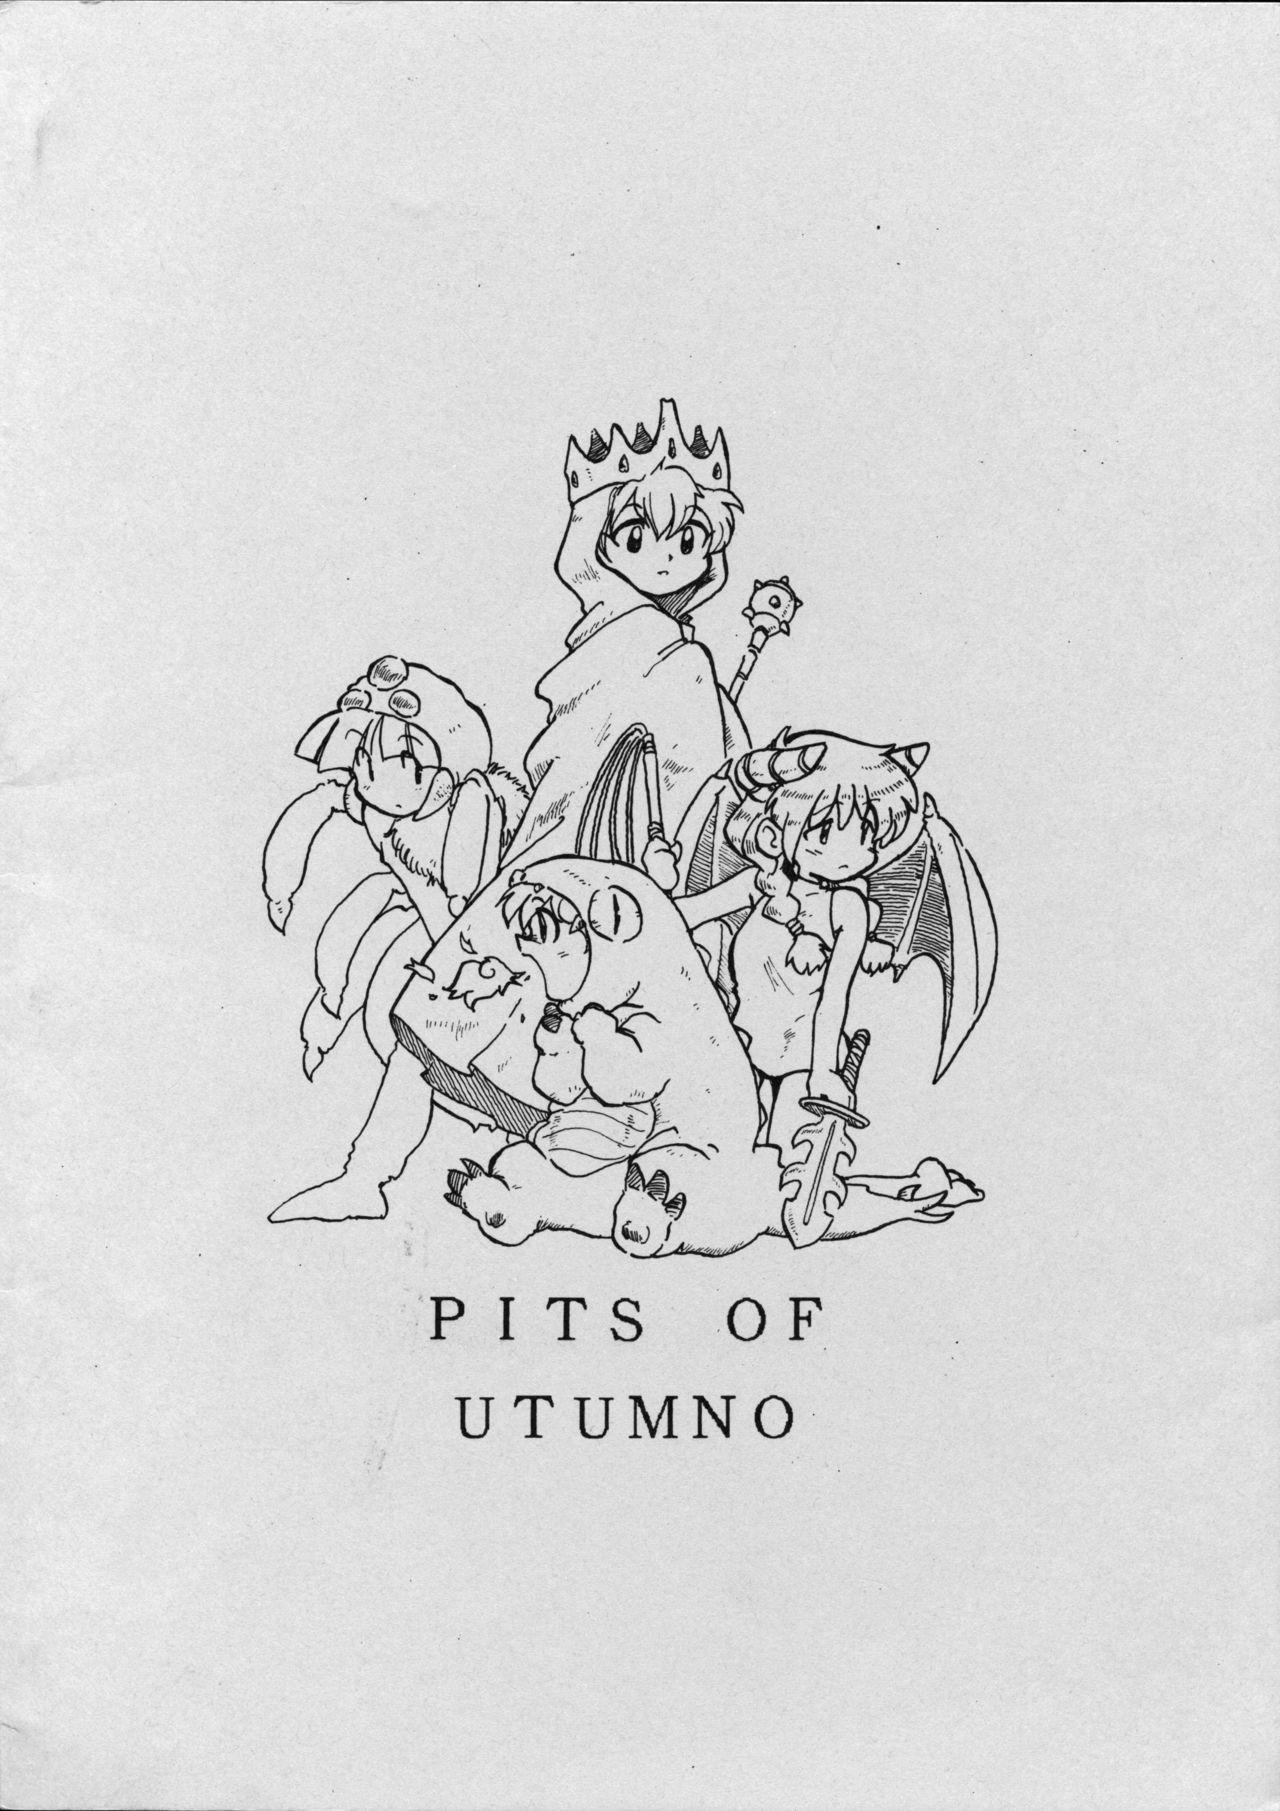 PITS OF UTUMNO 17